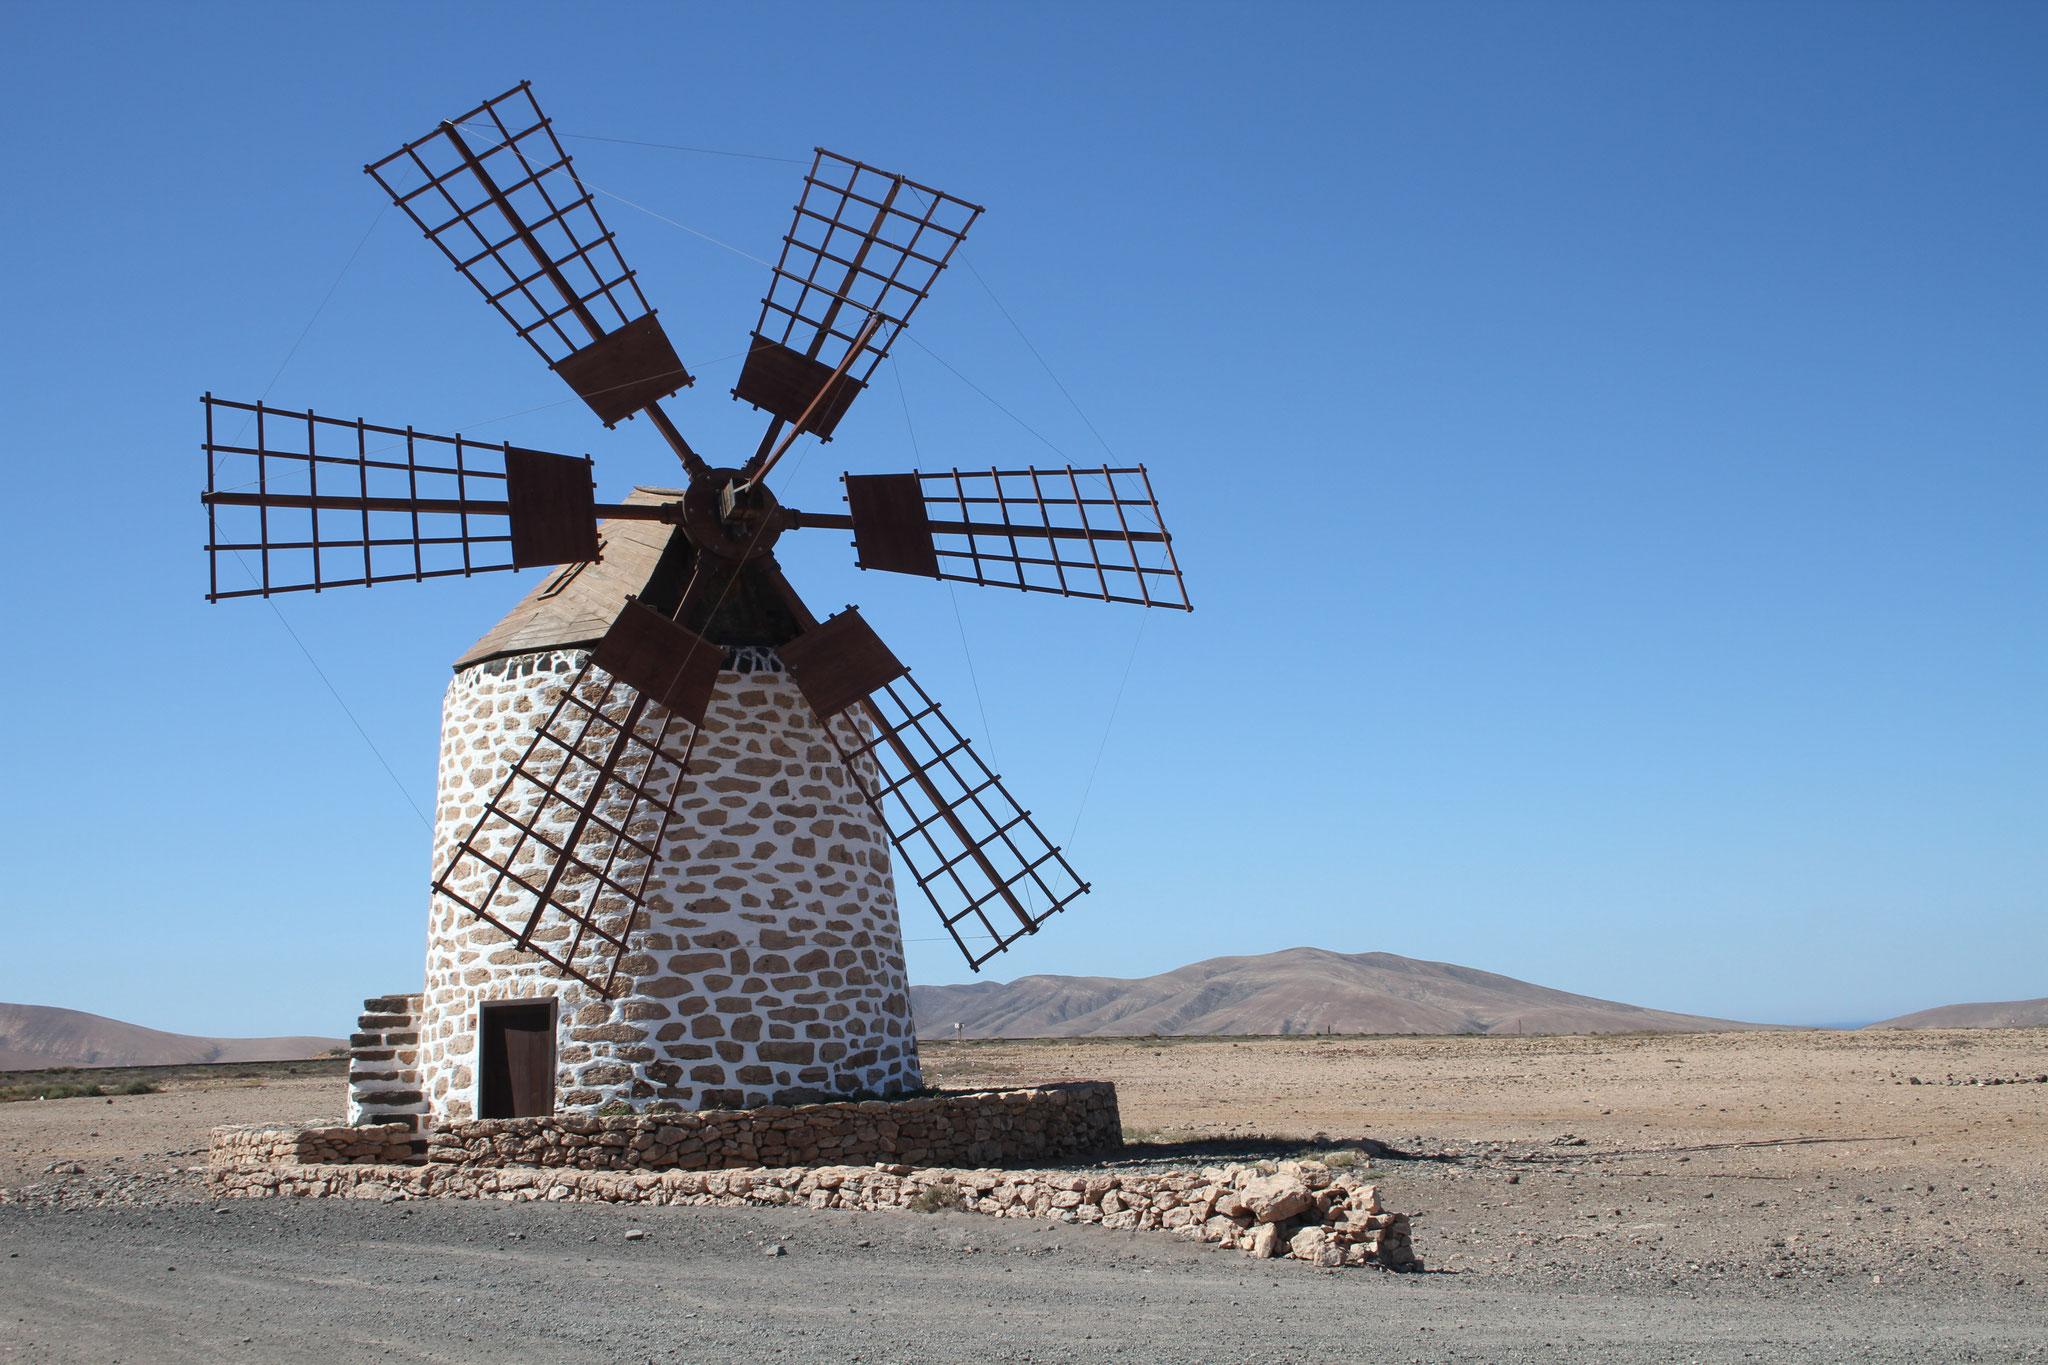 Auf dem Rückweg fahren wir via Tefia (mit historischer Windmühle) ...